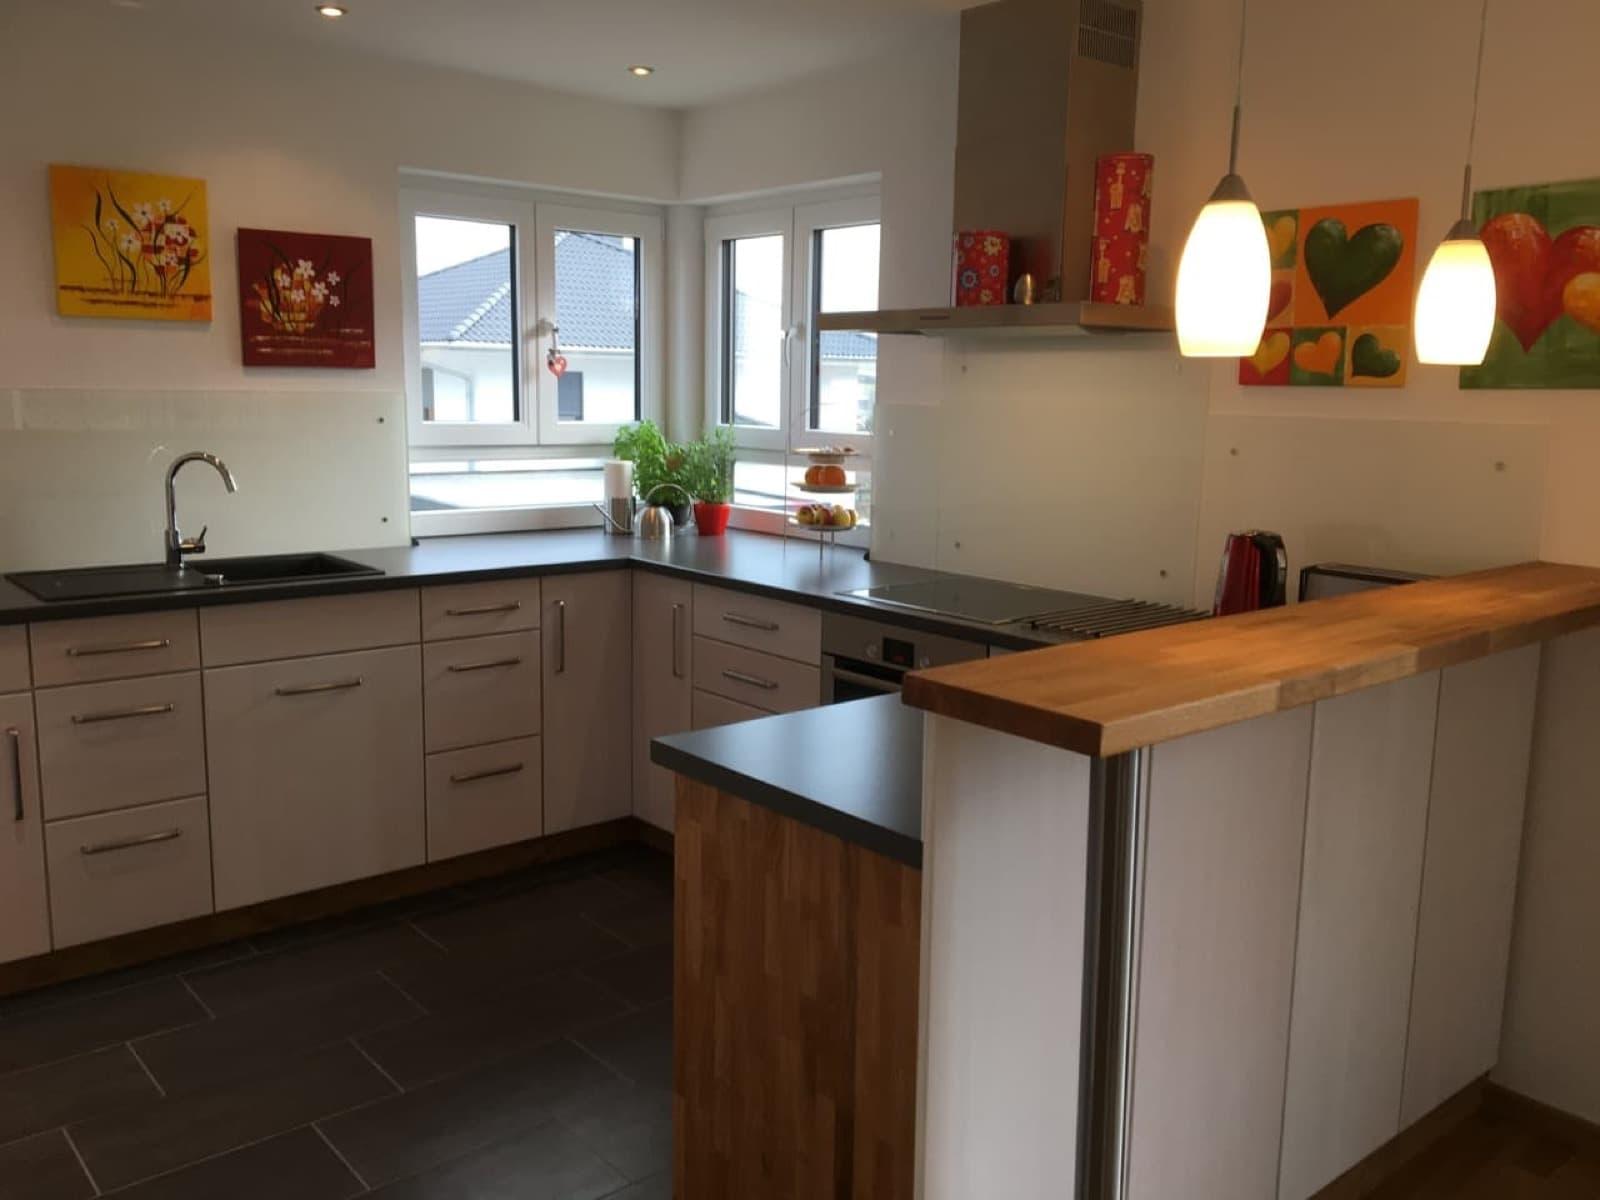 Moderne weiß lasierte Fronten in Kombination mit Eiche Wildholz geben diese Küche einen besonderen Flair